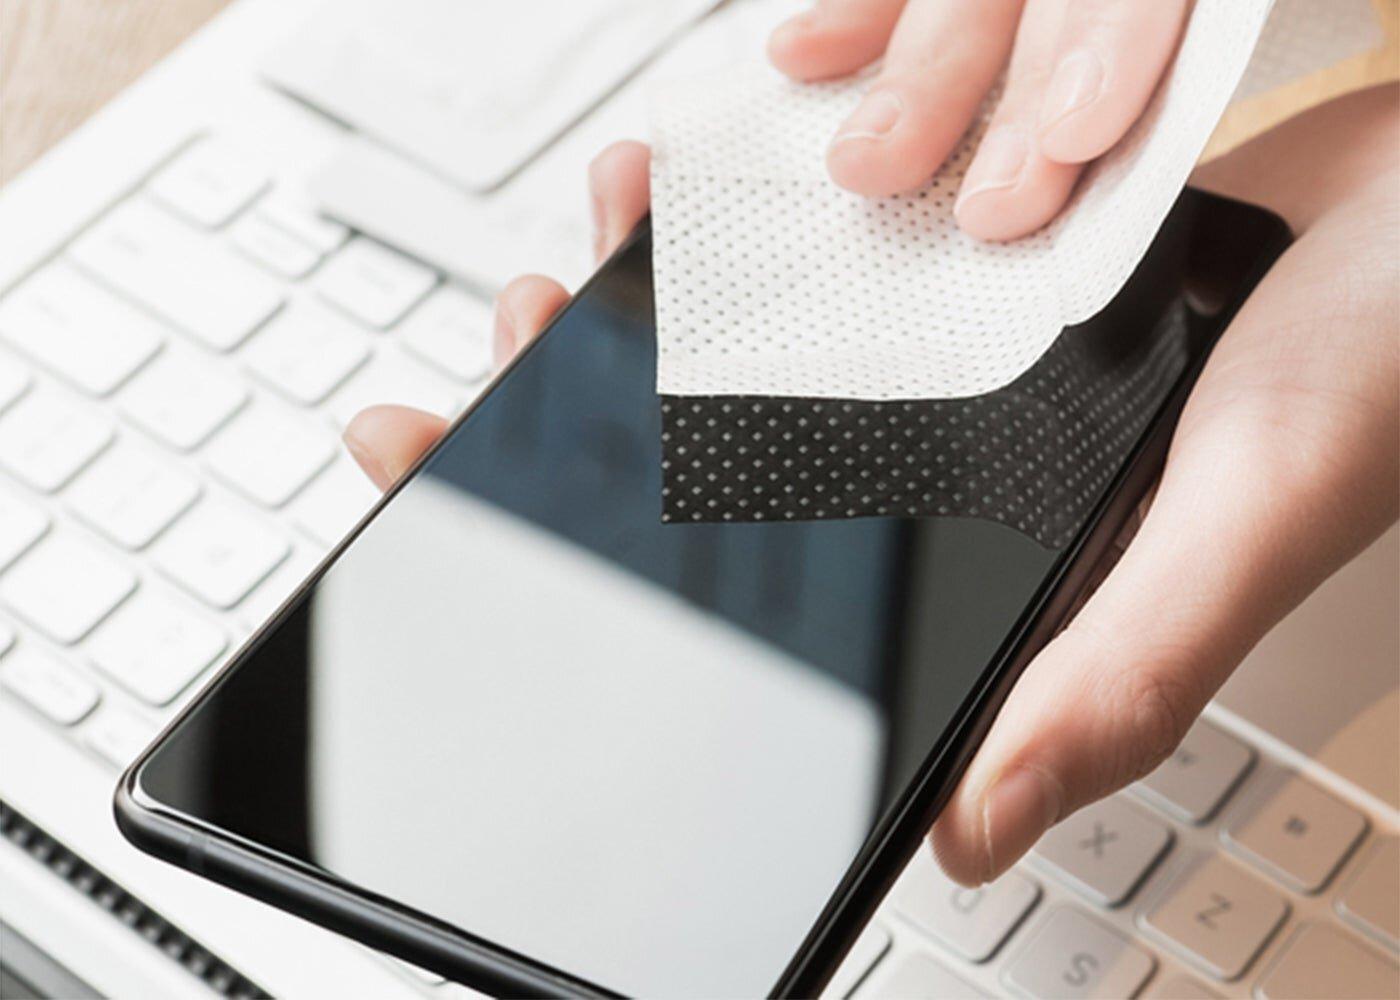 4 conseils utiles pour nettoyer efficacement votre mobile